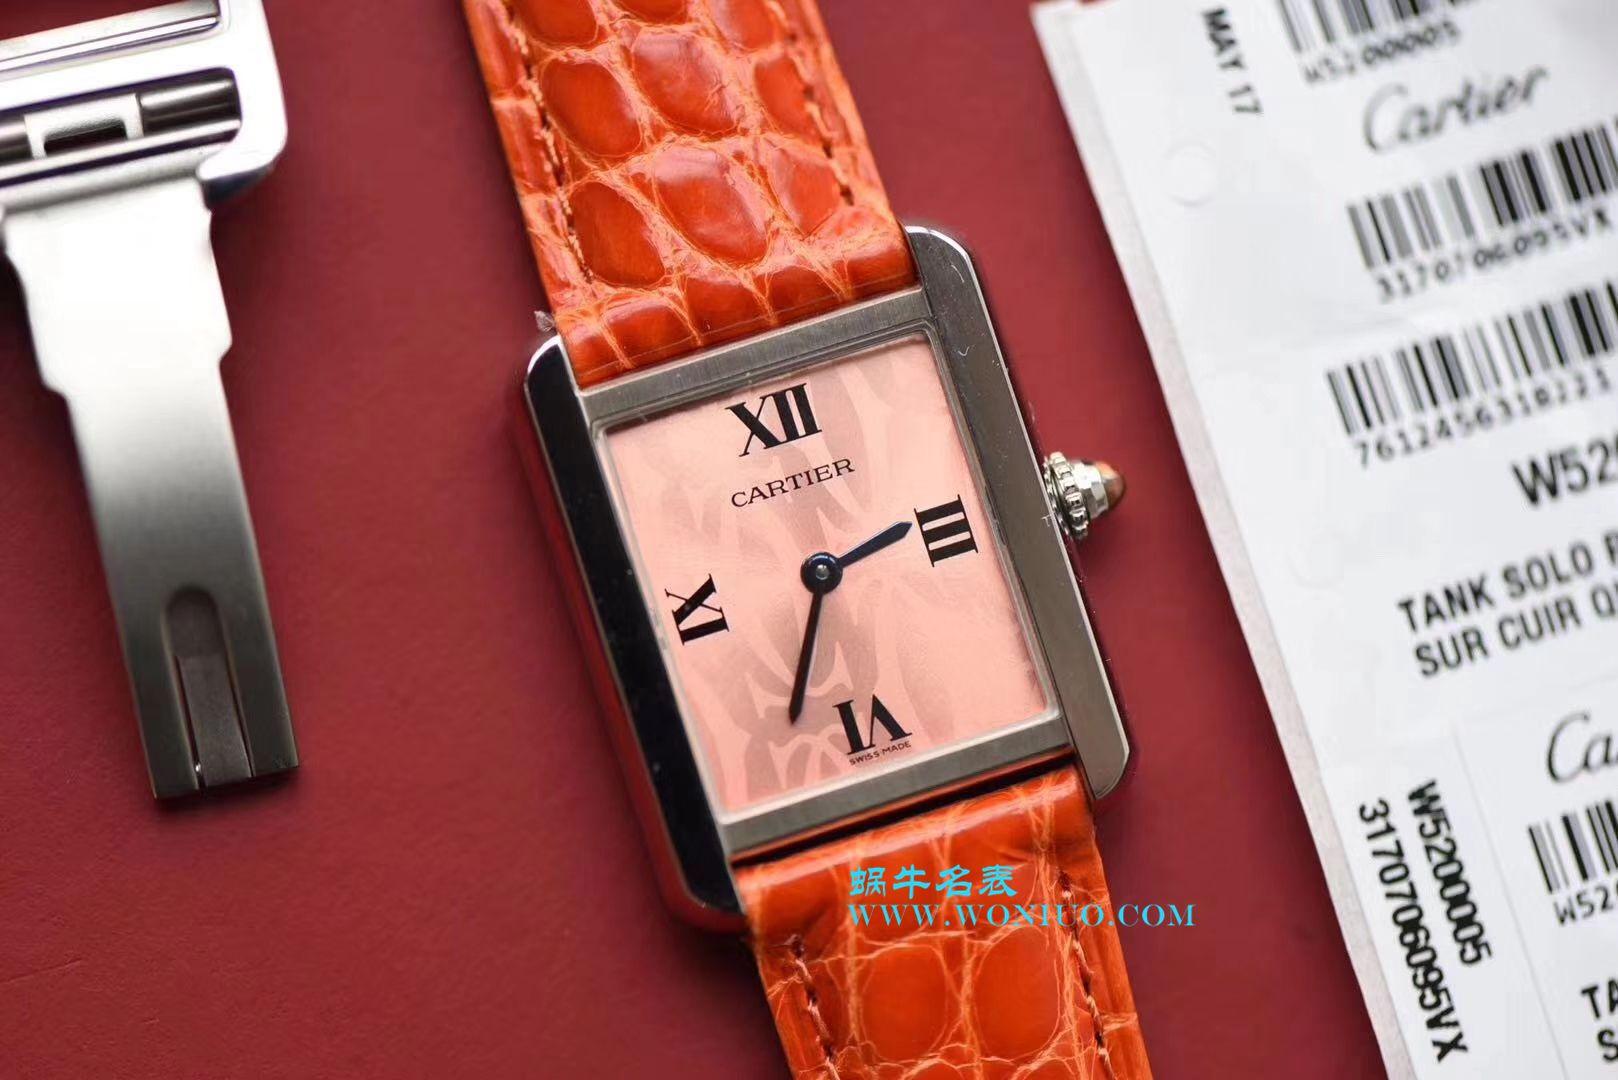 【独家视频测评K11厂顶级复刻手表】卡地亚坦克系列 W5200000 粉色女士石英腕表 / KAD008